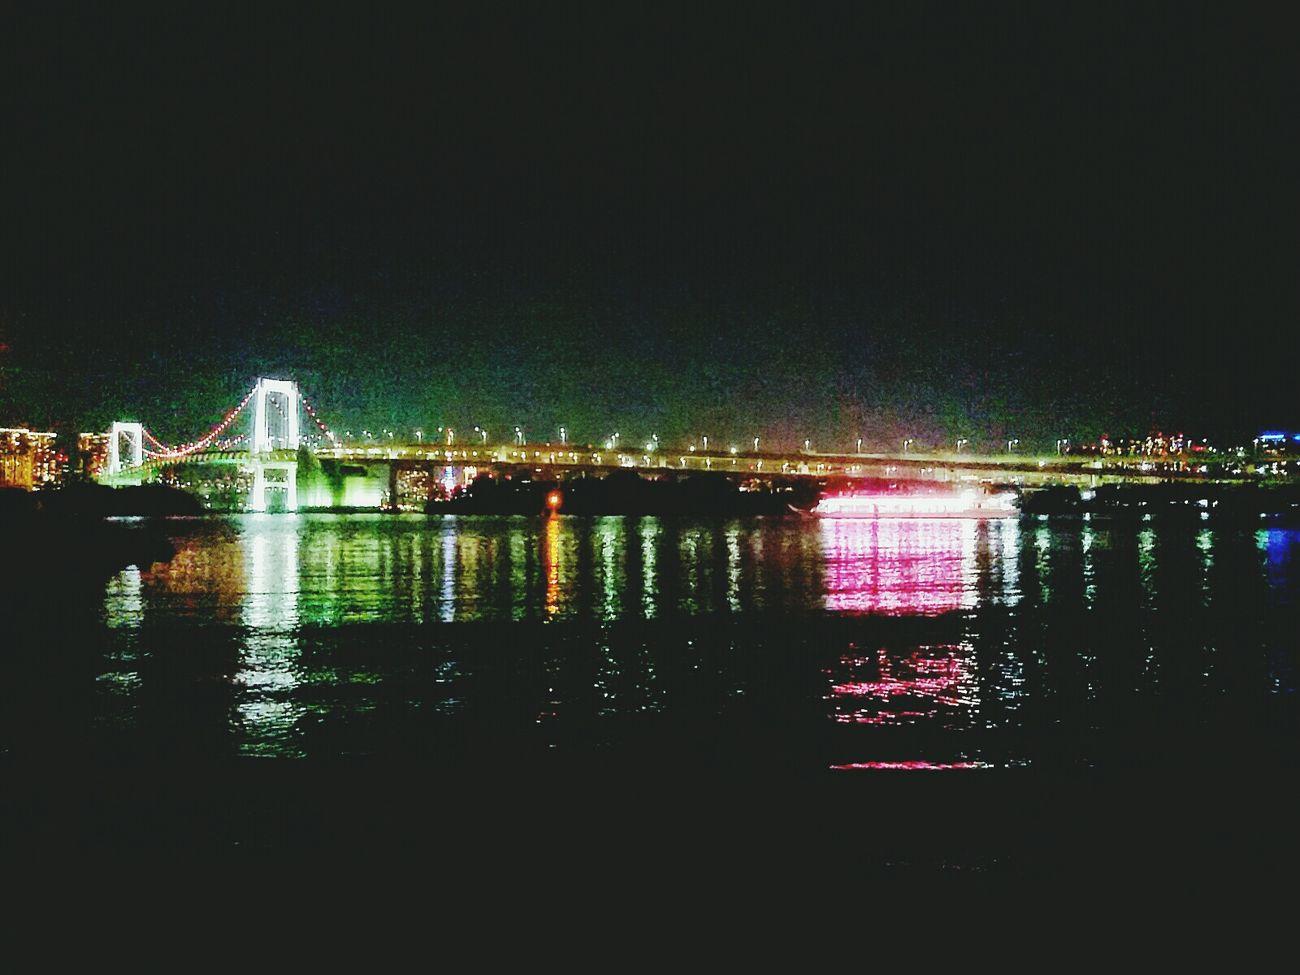 綺麗😍 お台場海浜公園 First Eyeem Photo